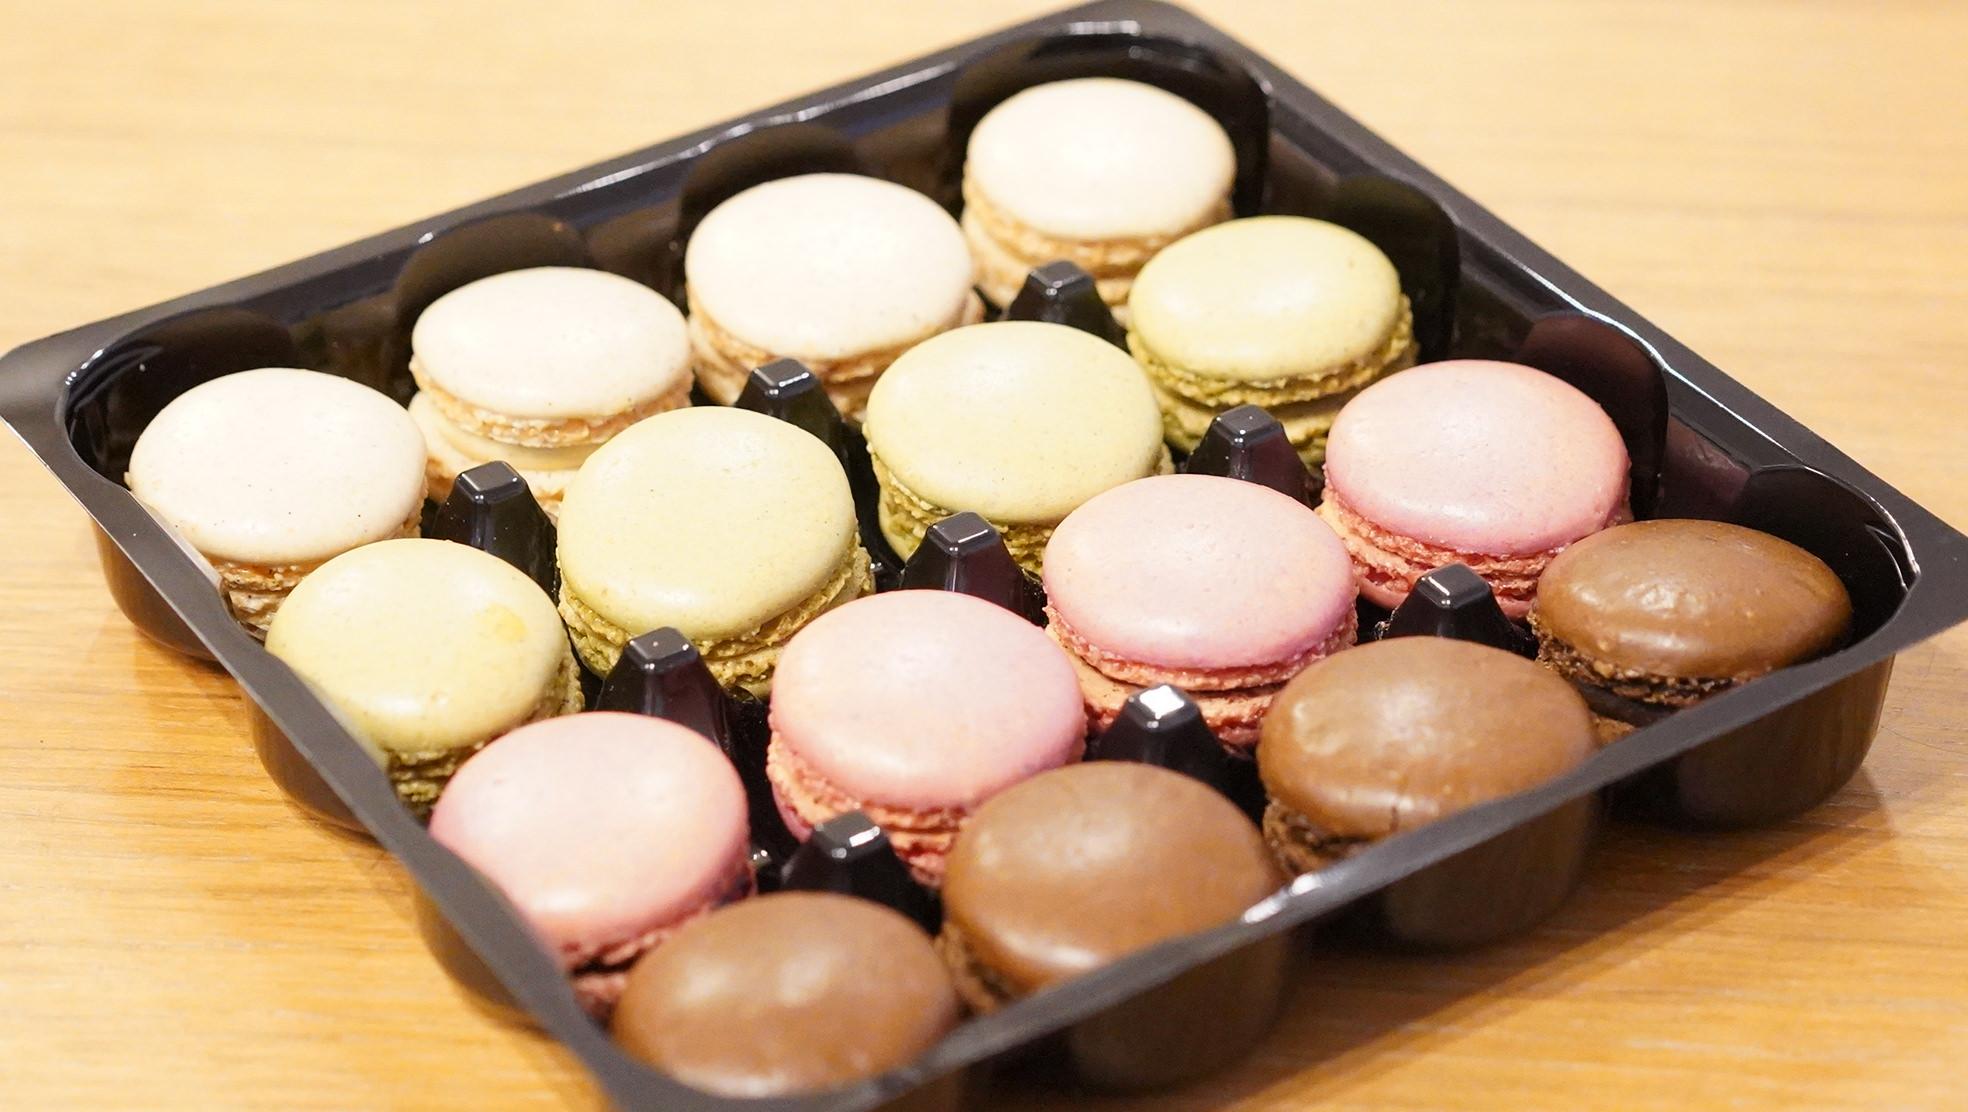 ピカールのおすすめ冷凍食品「4種類のマカロン」の商品写真